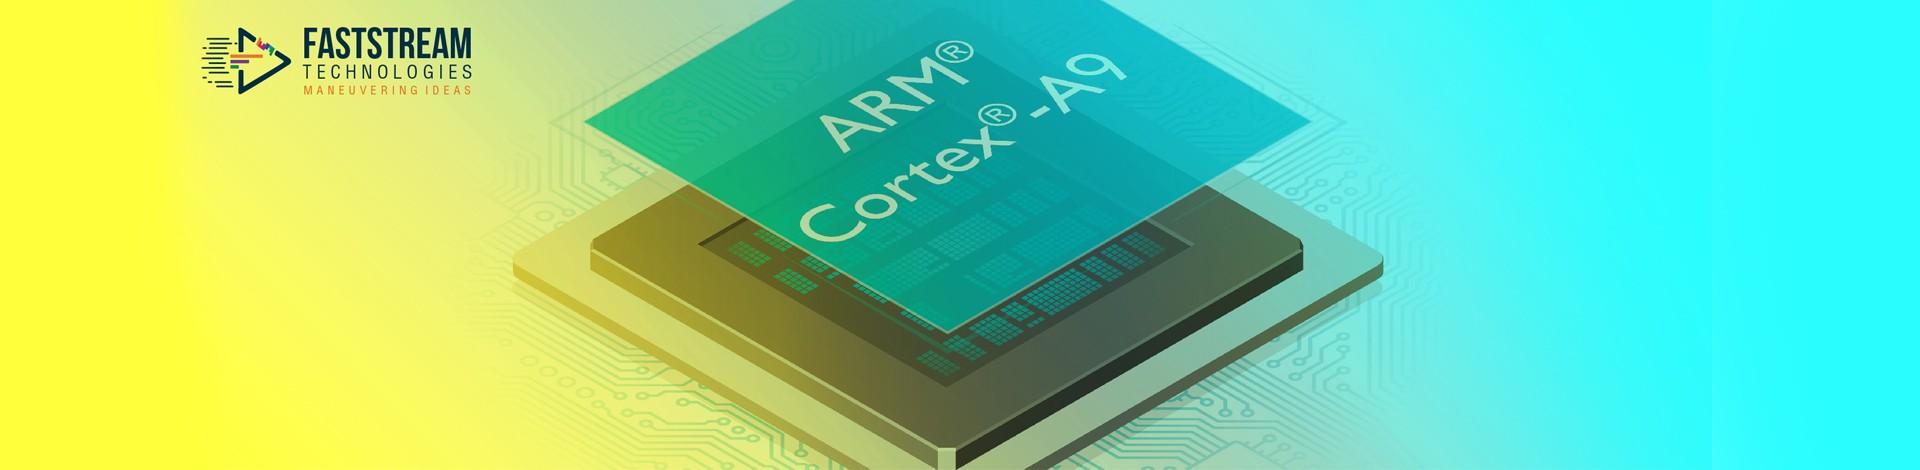 Arm Cortex A9 Architecture